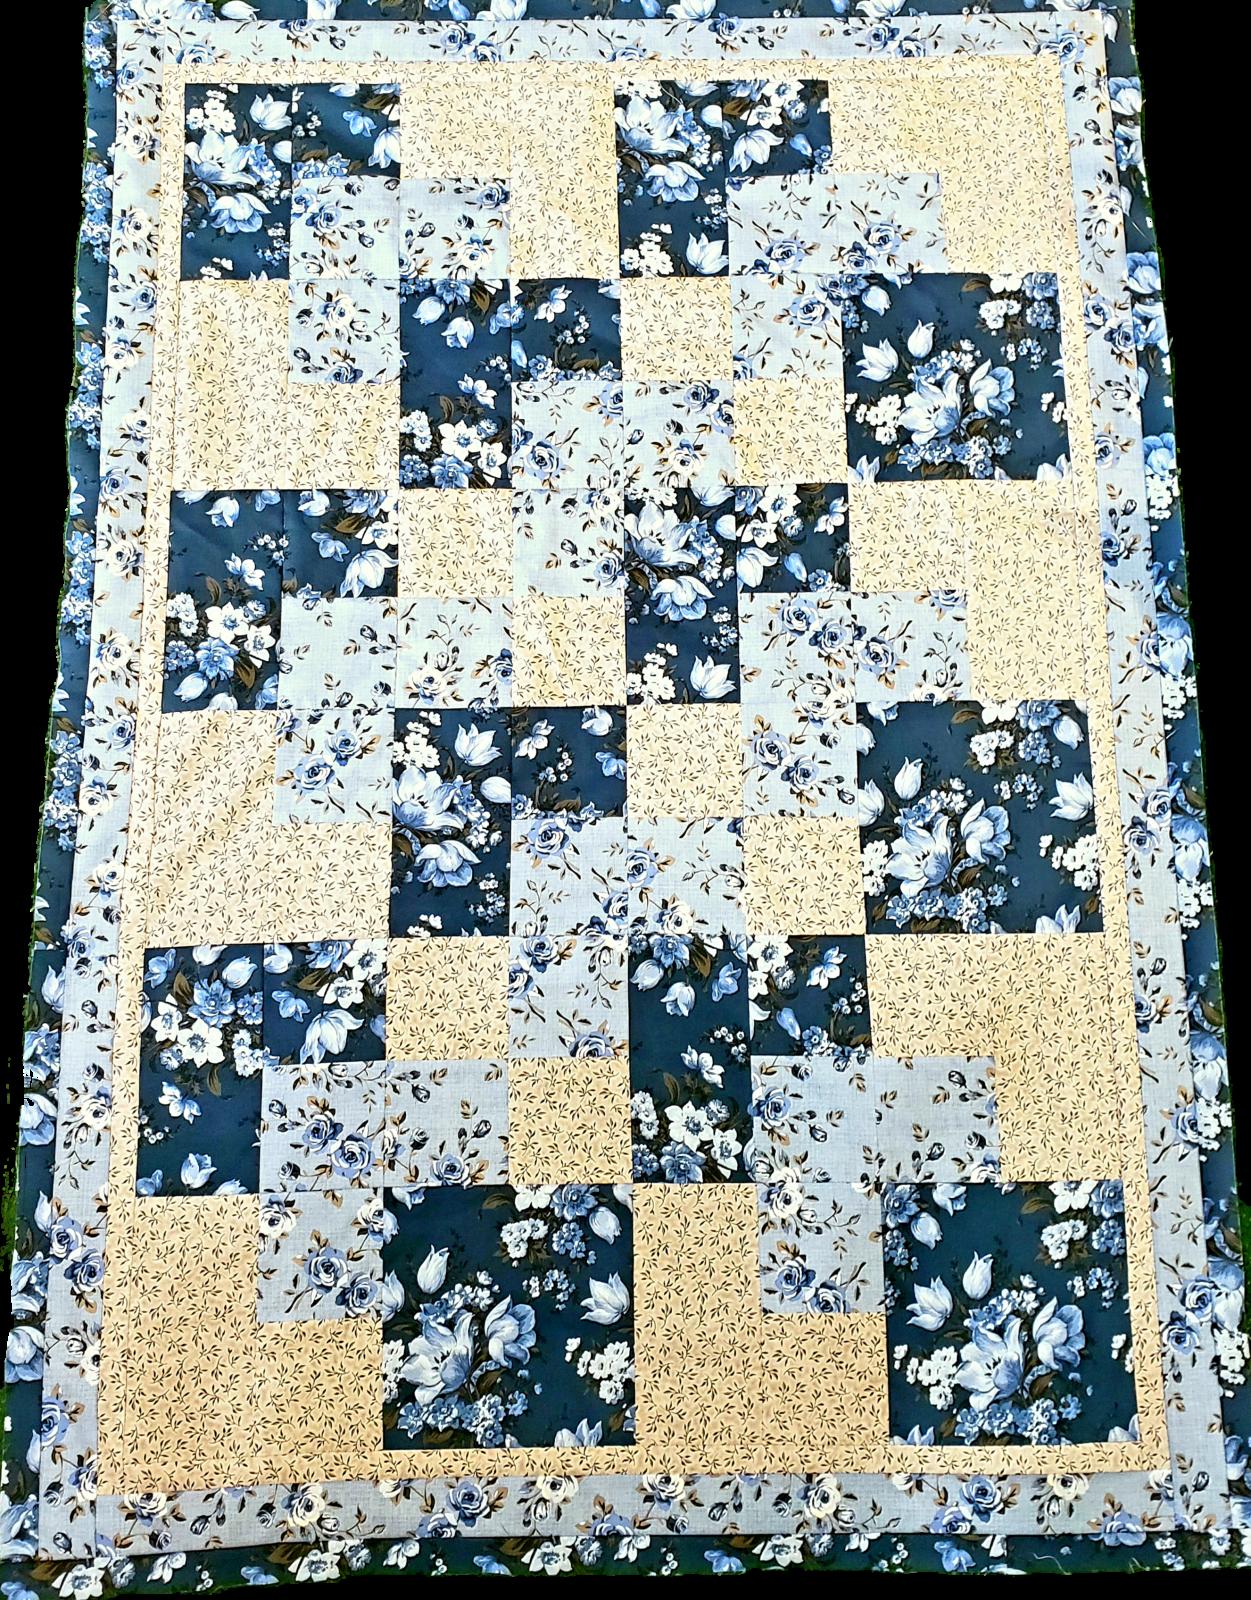 3-Yard Quilt Kit - Elegant Blooms